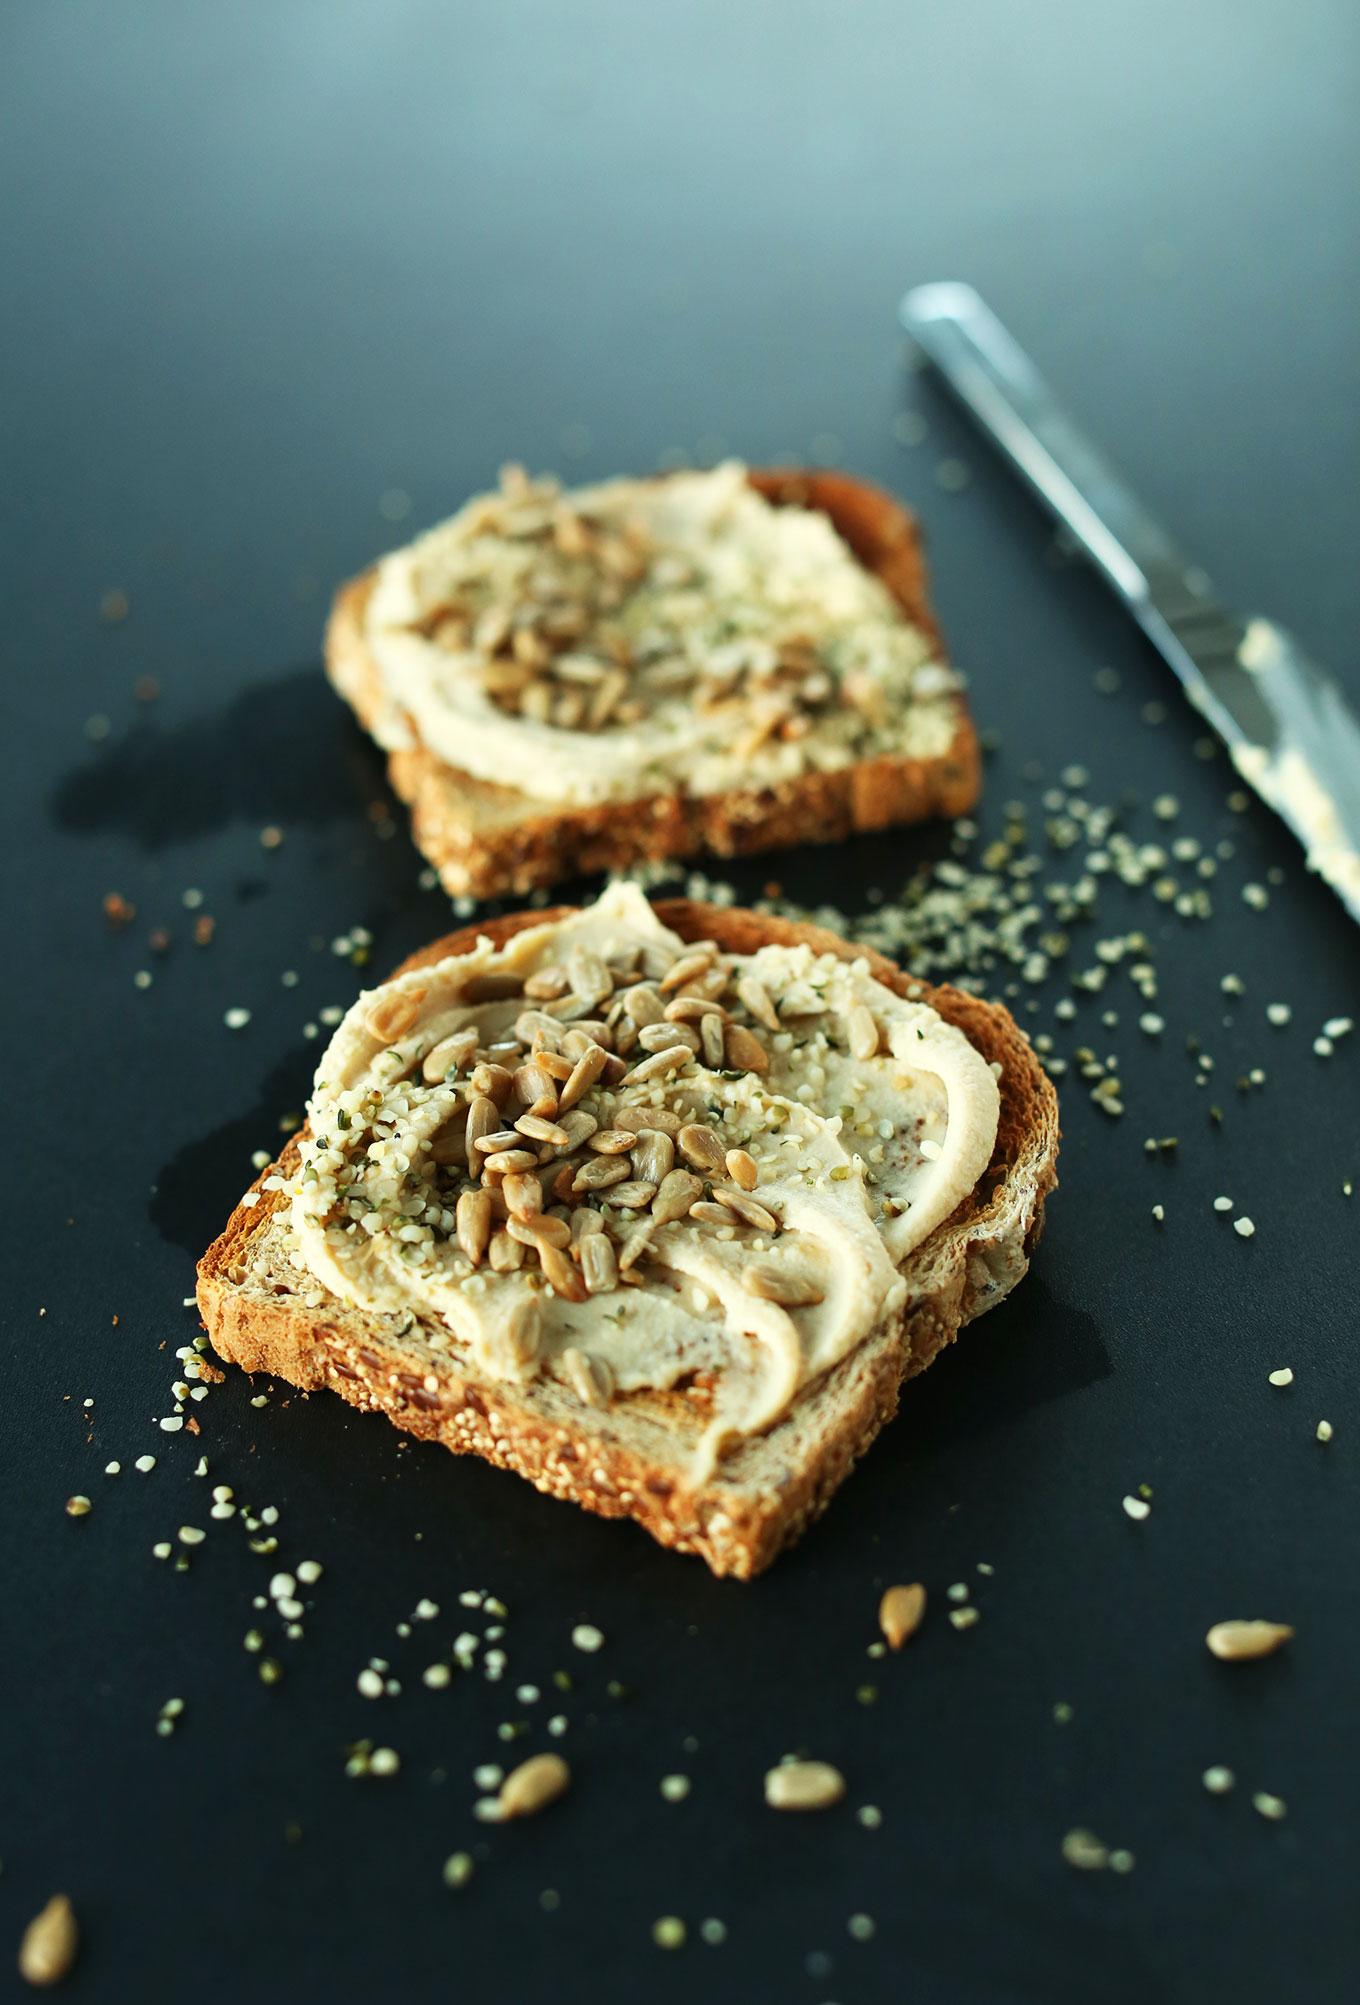 Hummus on Toast | Vegan Meal Ideas #minimalistbaker